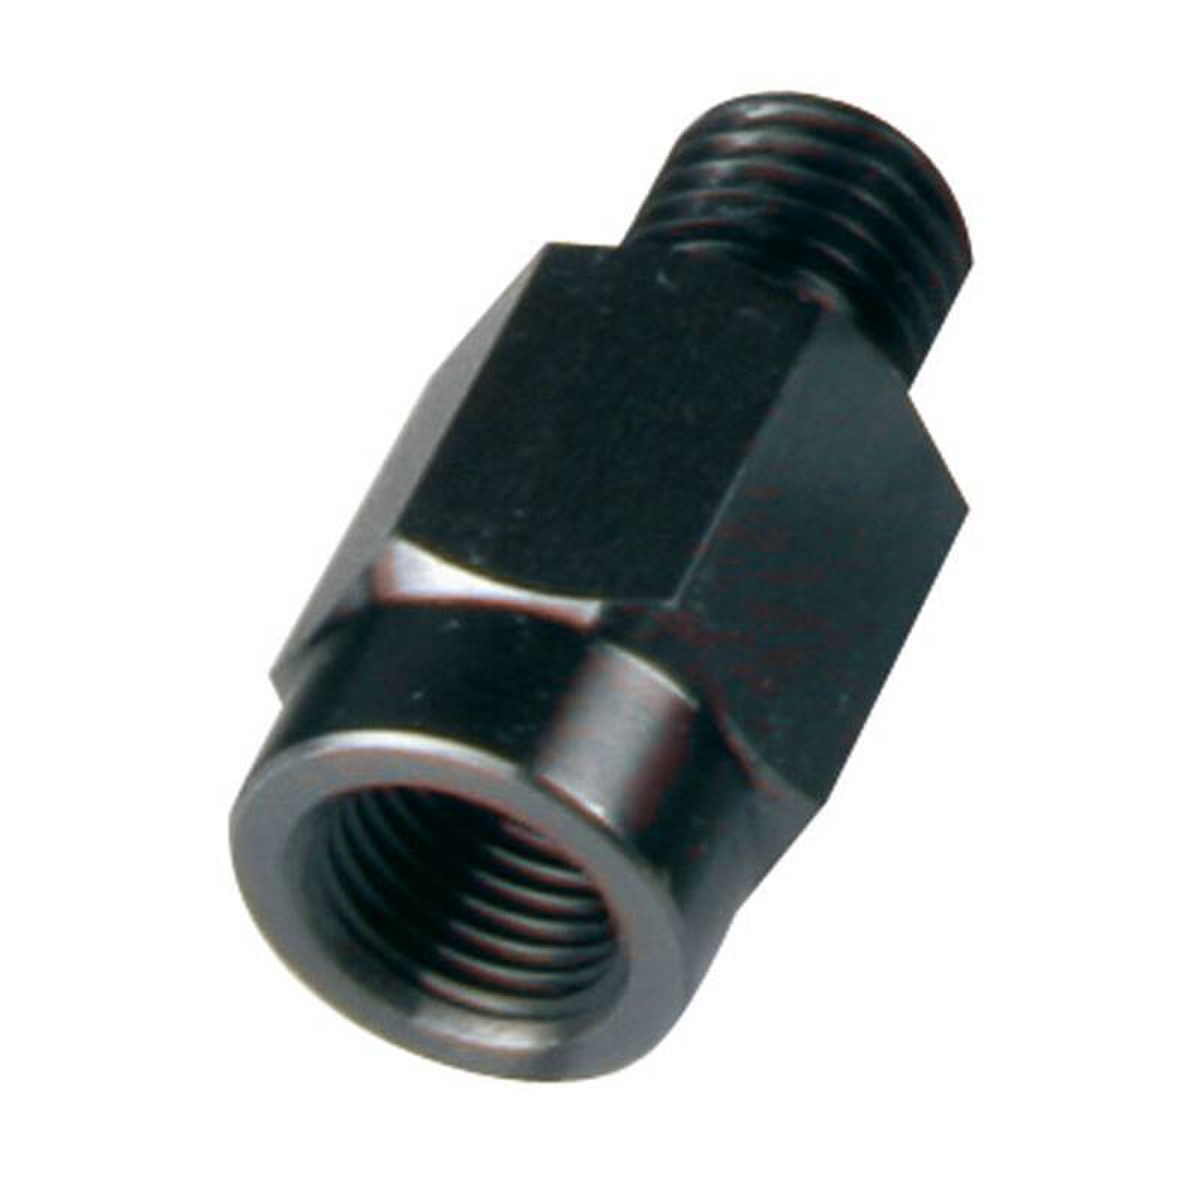 Zentrierbohrer 230mm Aufnahme-Schaft Adapter M16 auf SDSmax 115mm